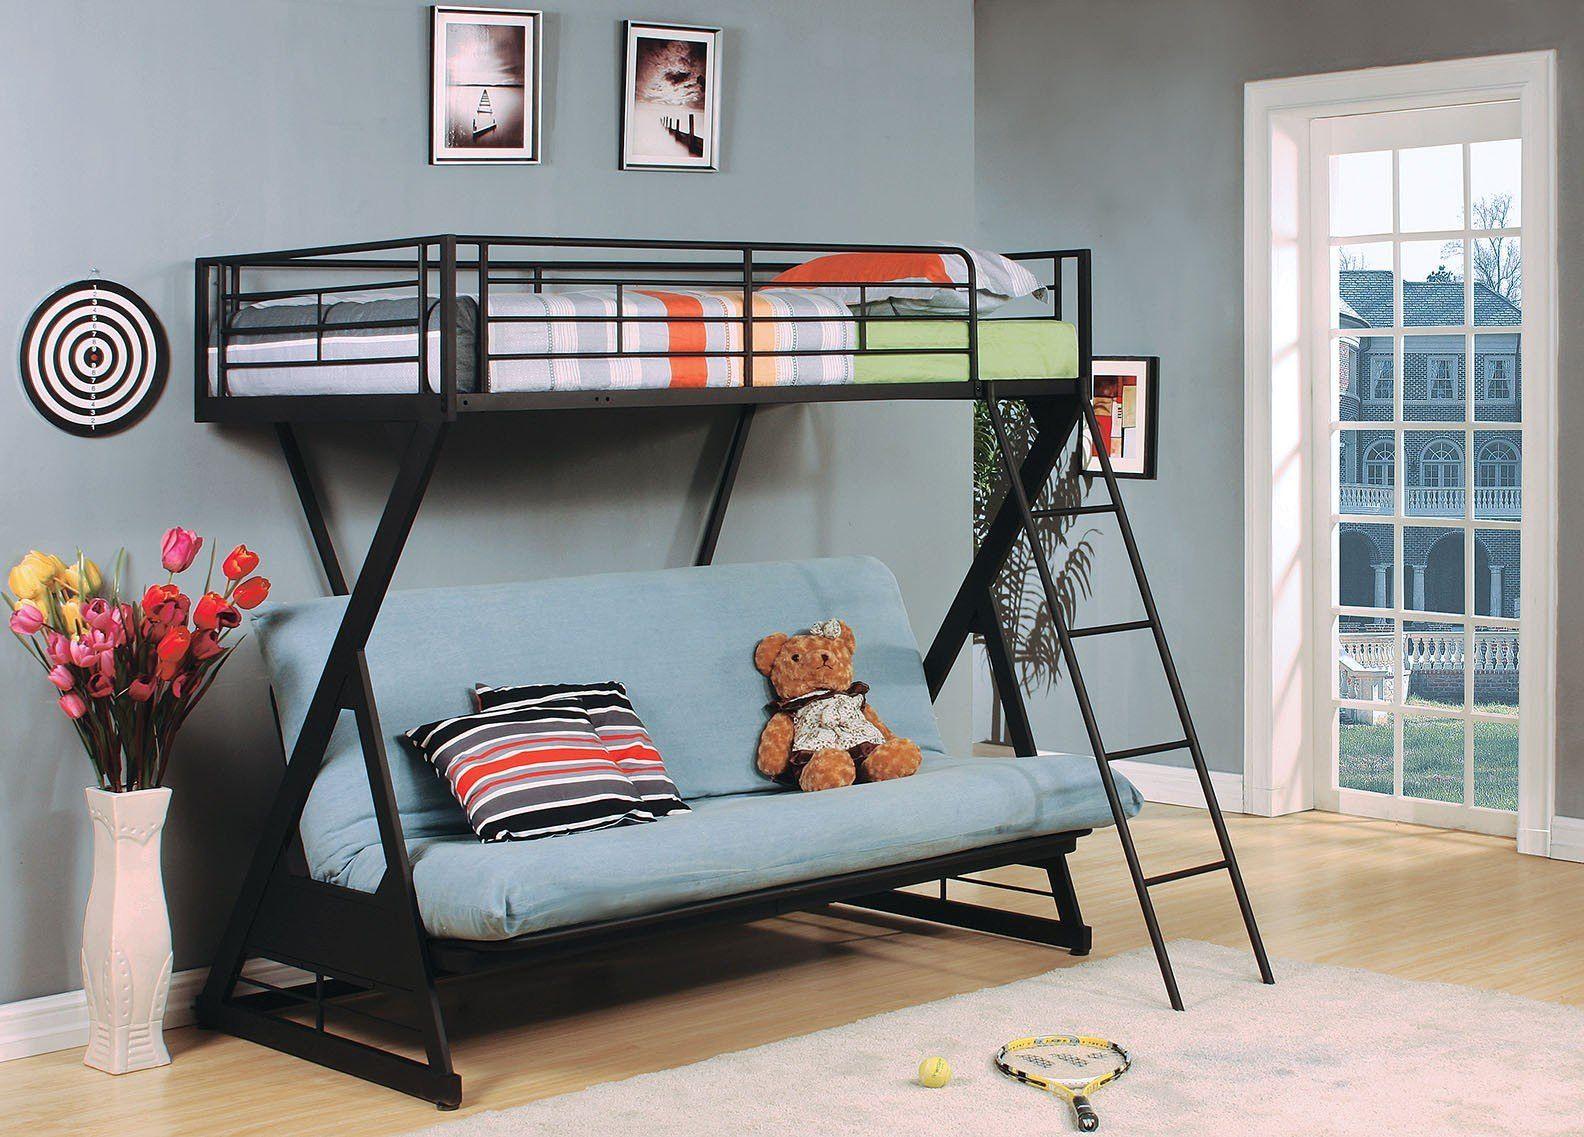 Futon Bambini ~ Dorel twin over futon contemporary bunk bed walmart want